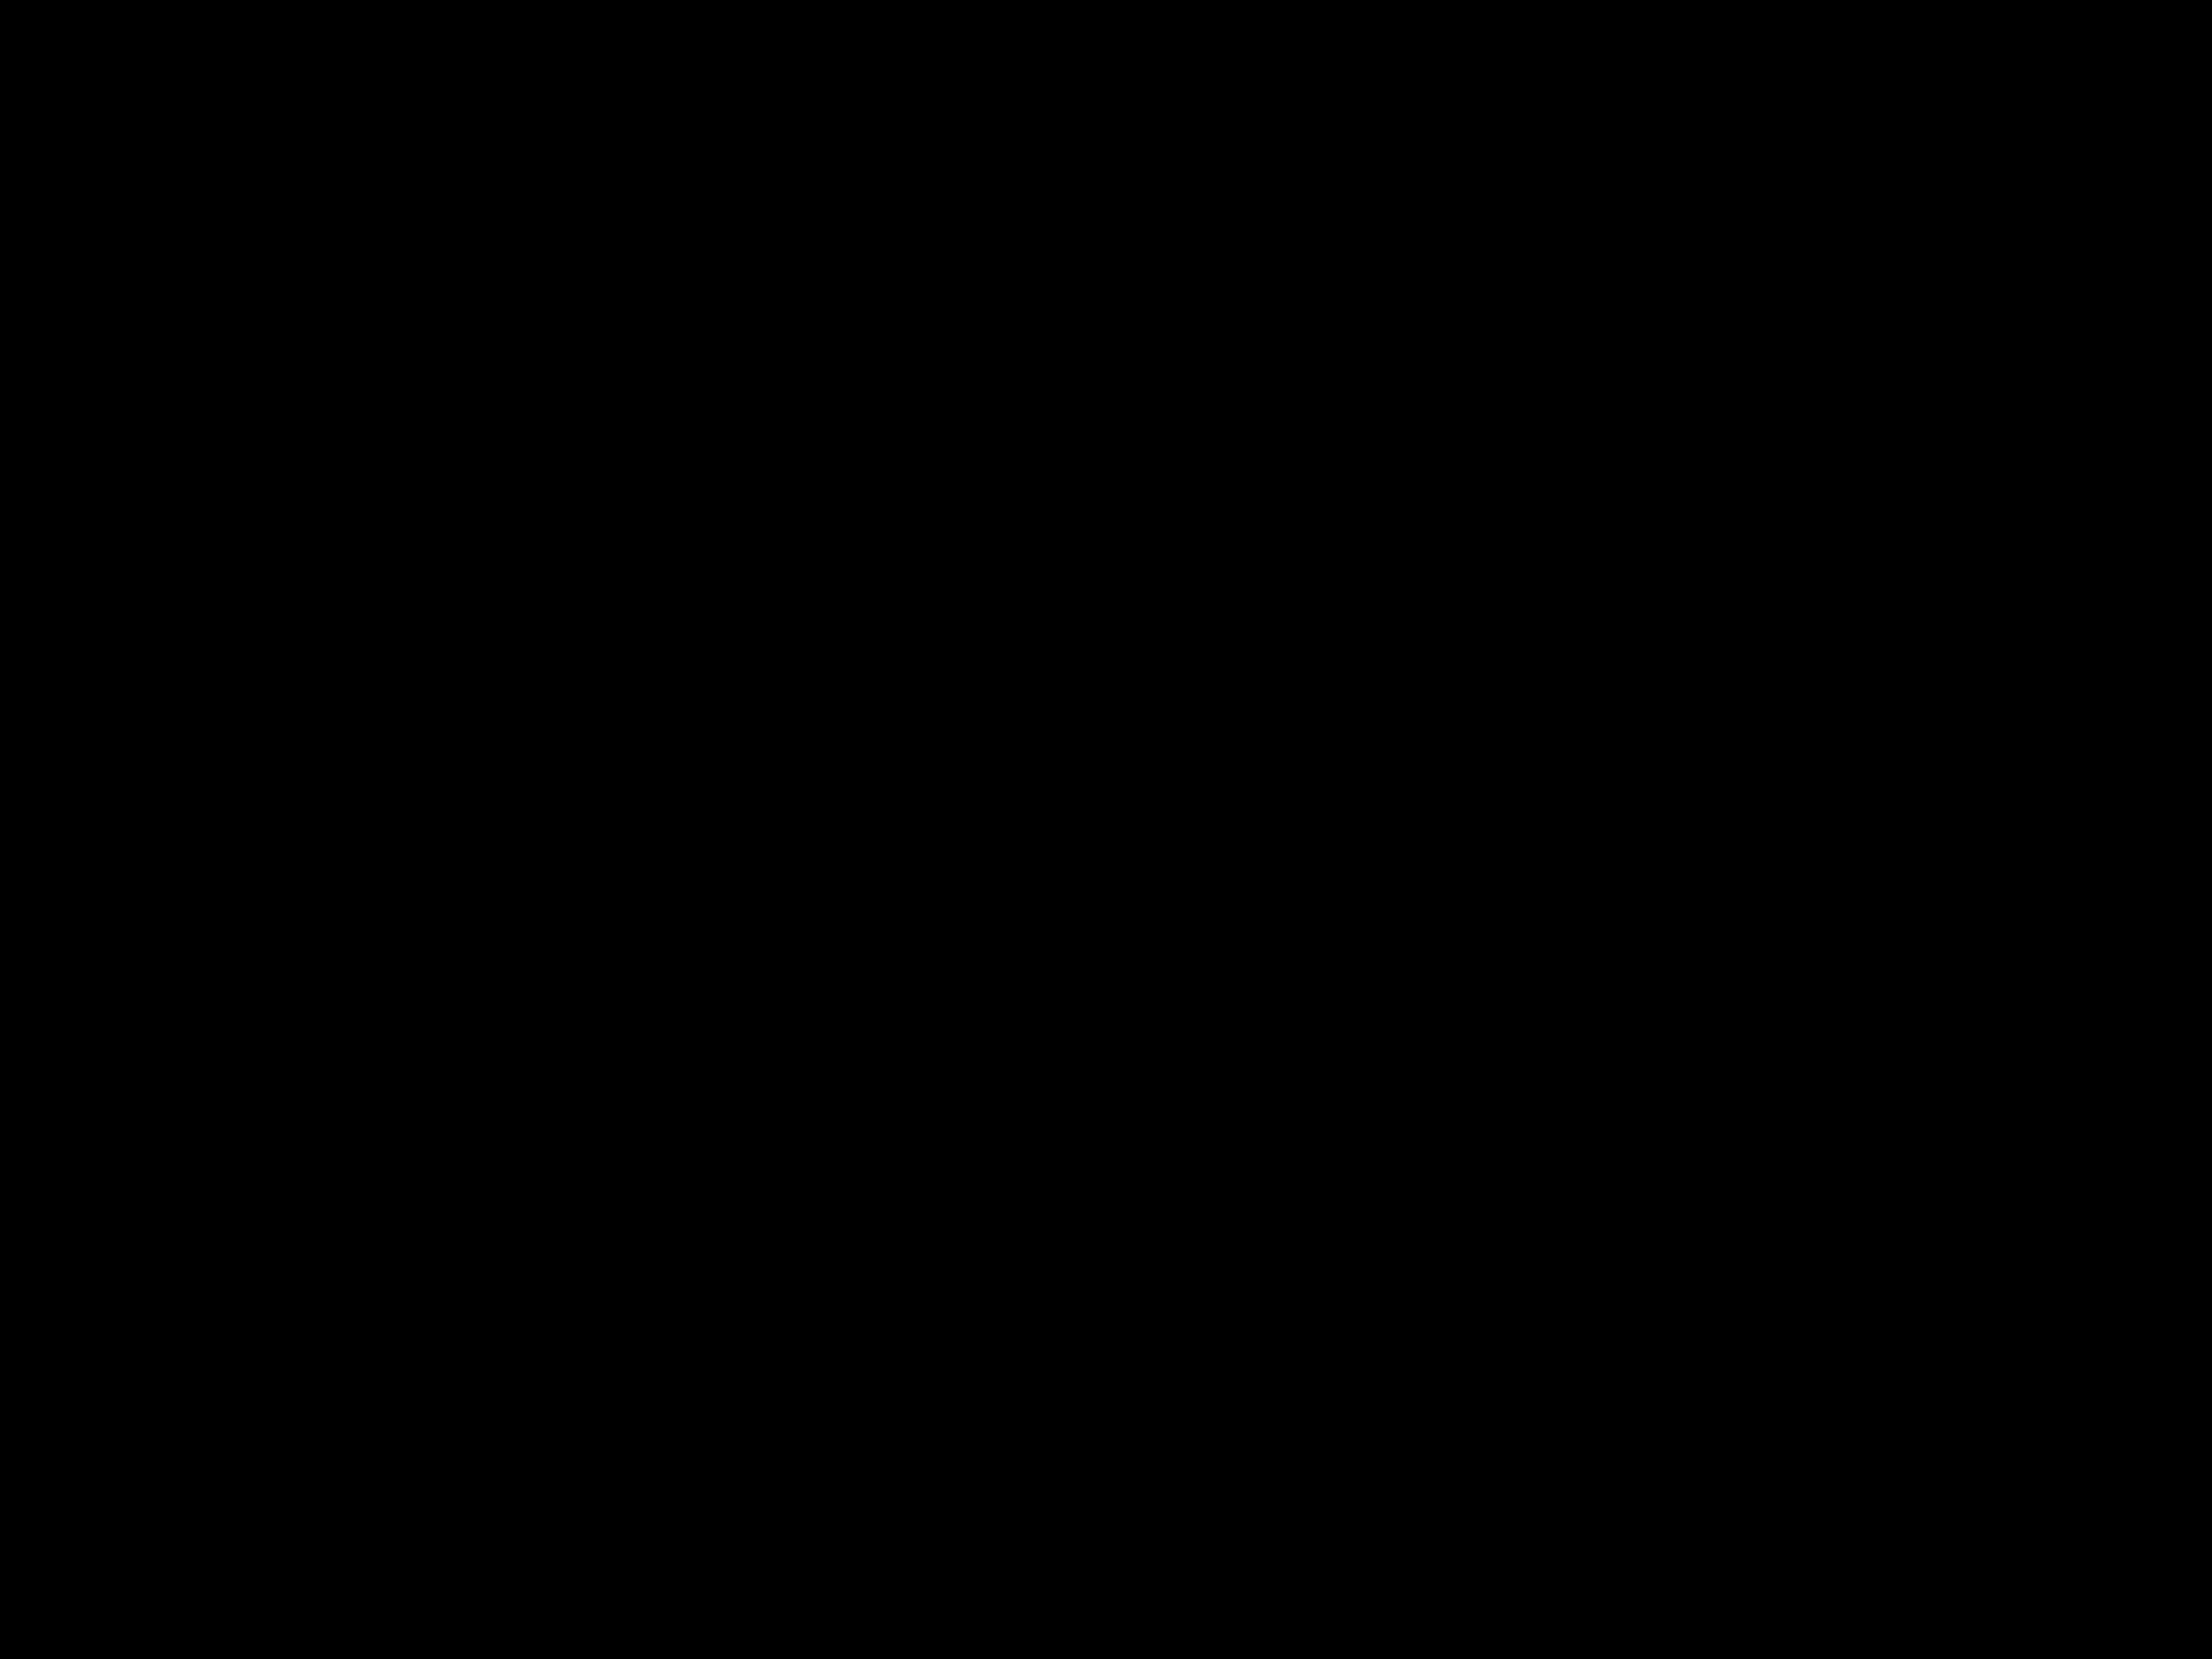 Nike Air Max Lunarlon